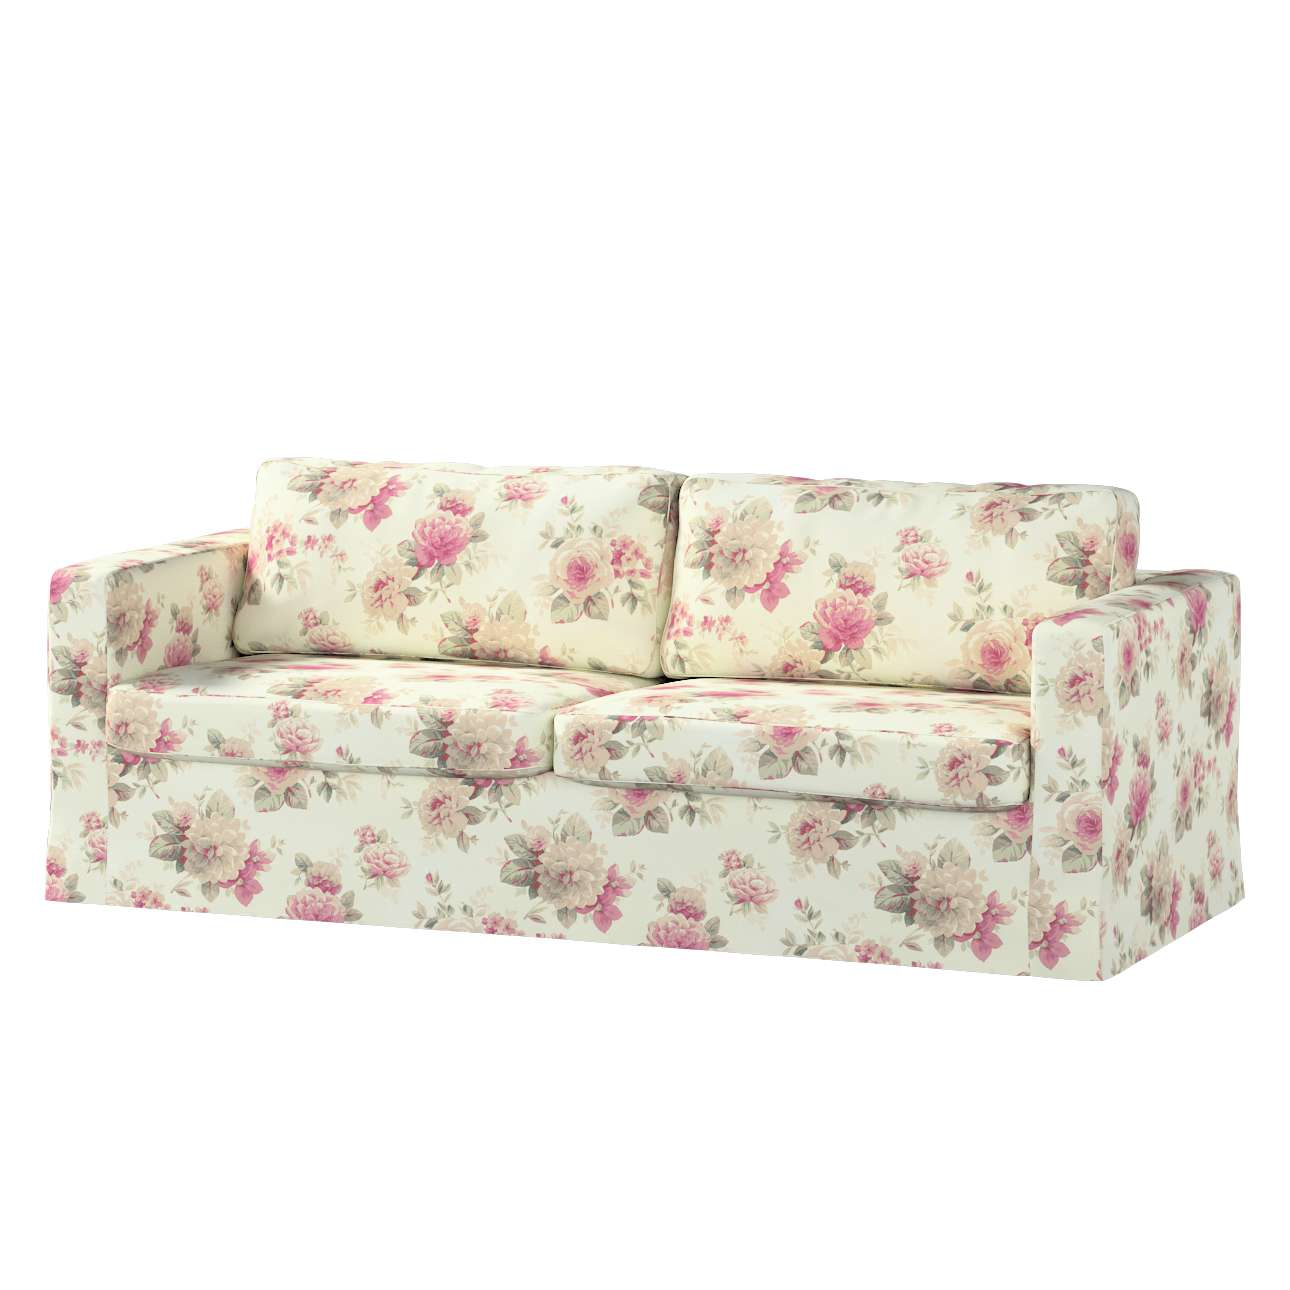 Karlstad trivietės sofos užvalkalas (ilgas, iki žemės) Karlstad trivietės sofos užvalkalas (ilgas, iki žemės) kolekcijoje Mirella, audinys: 141-07